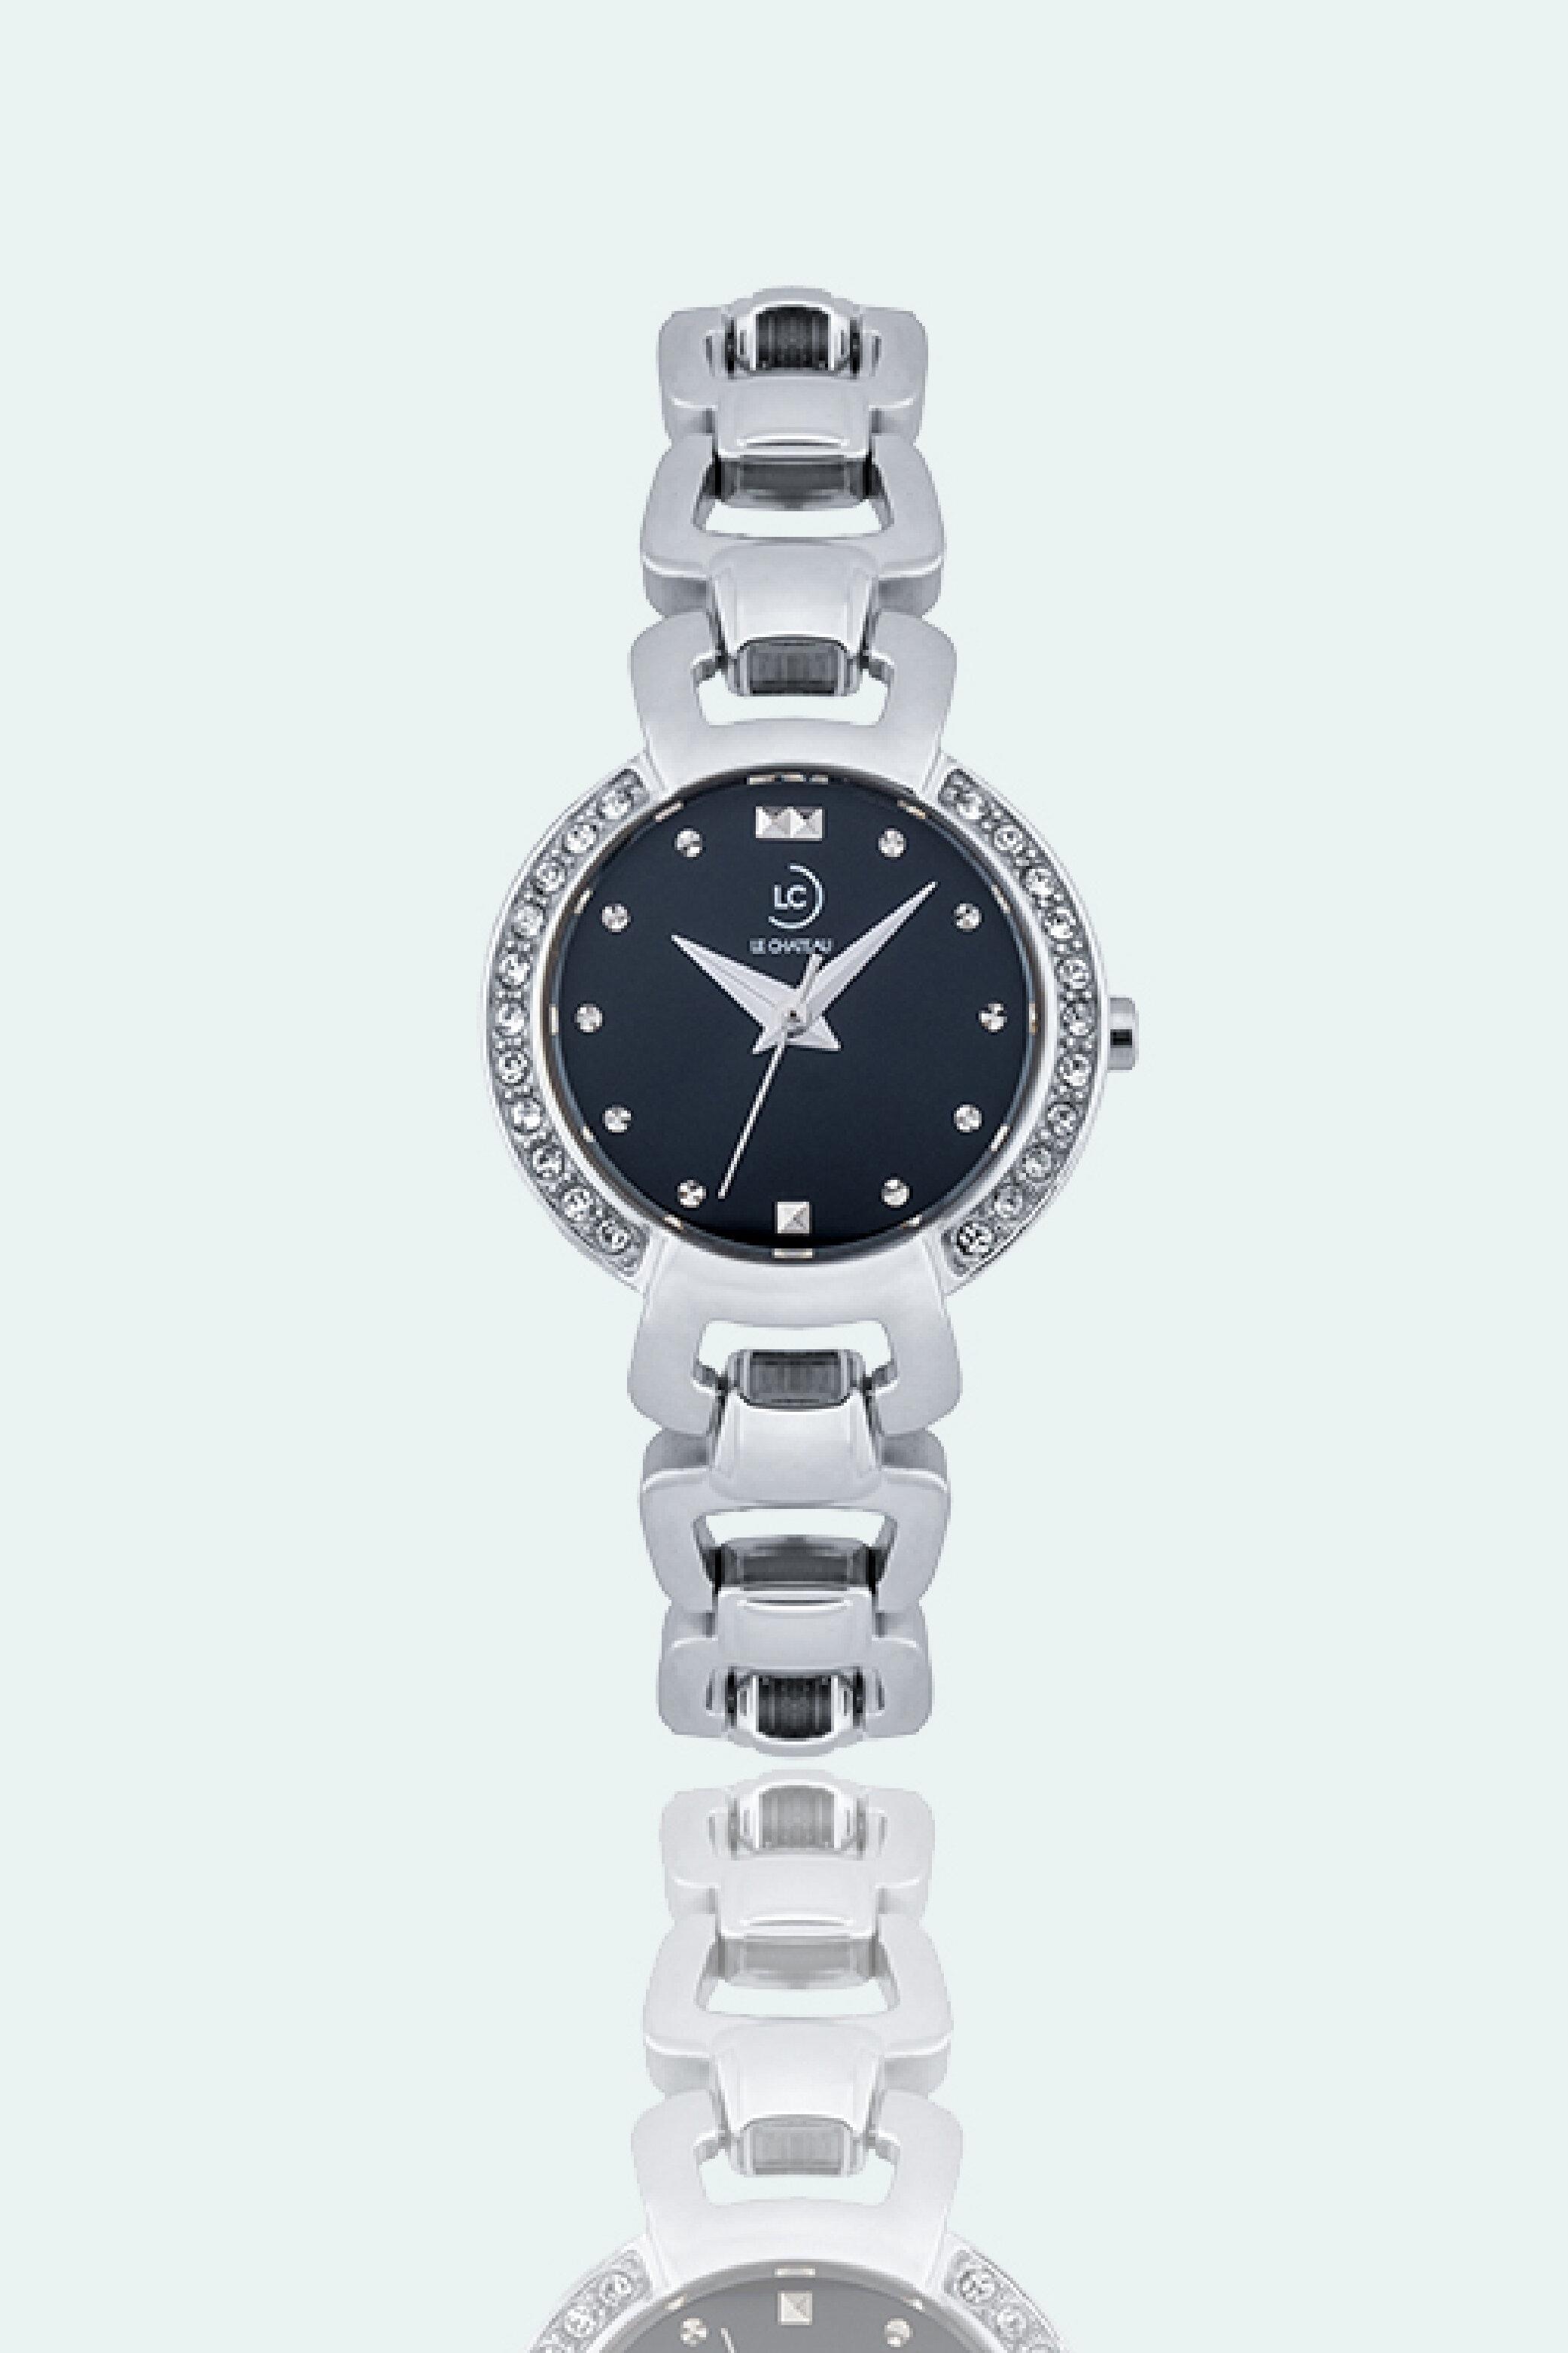 Đồng hồ nữ Le chateau L08.112.32.5.1